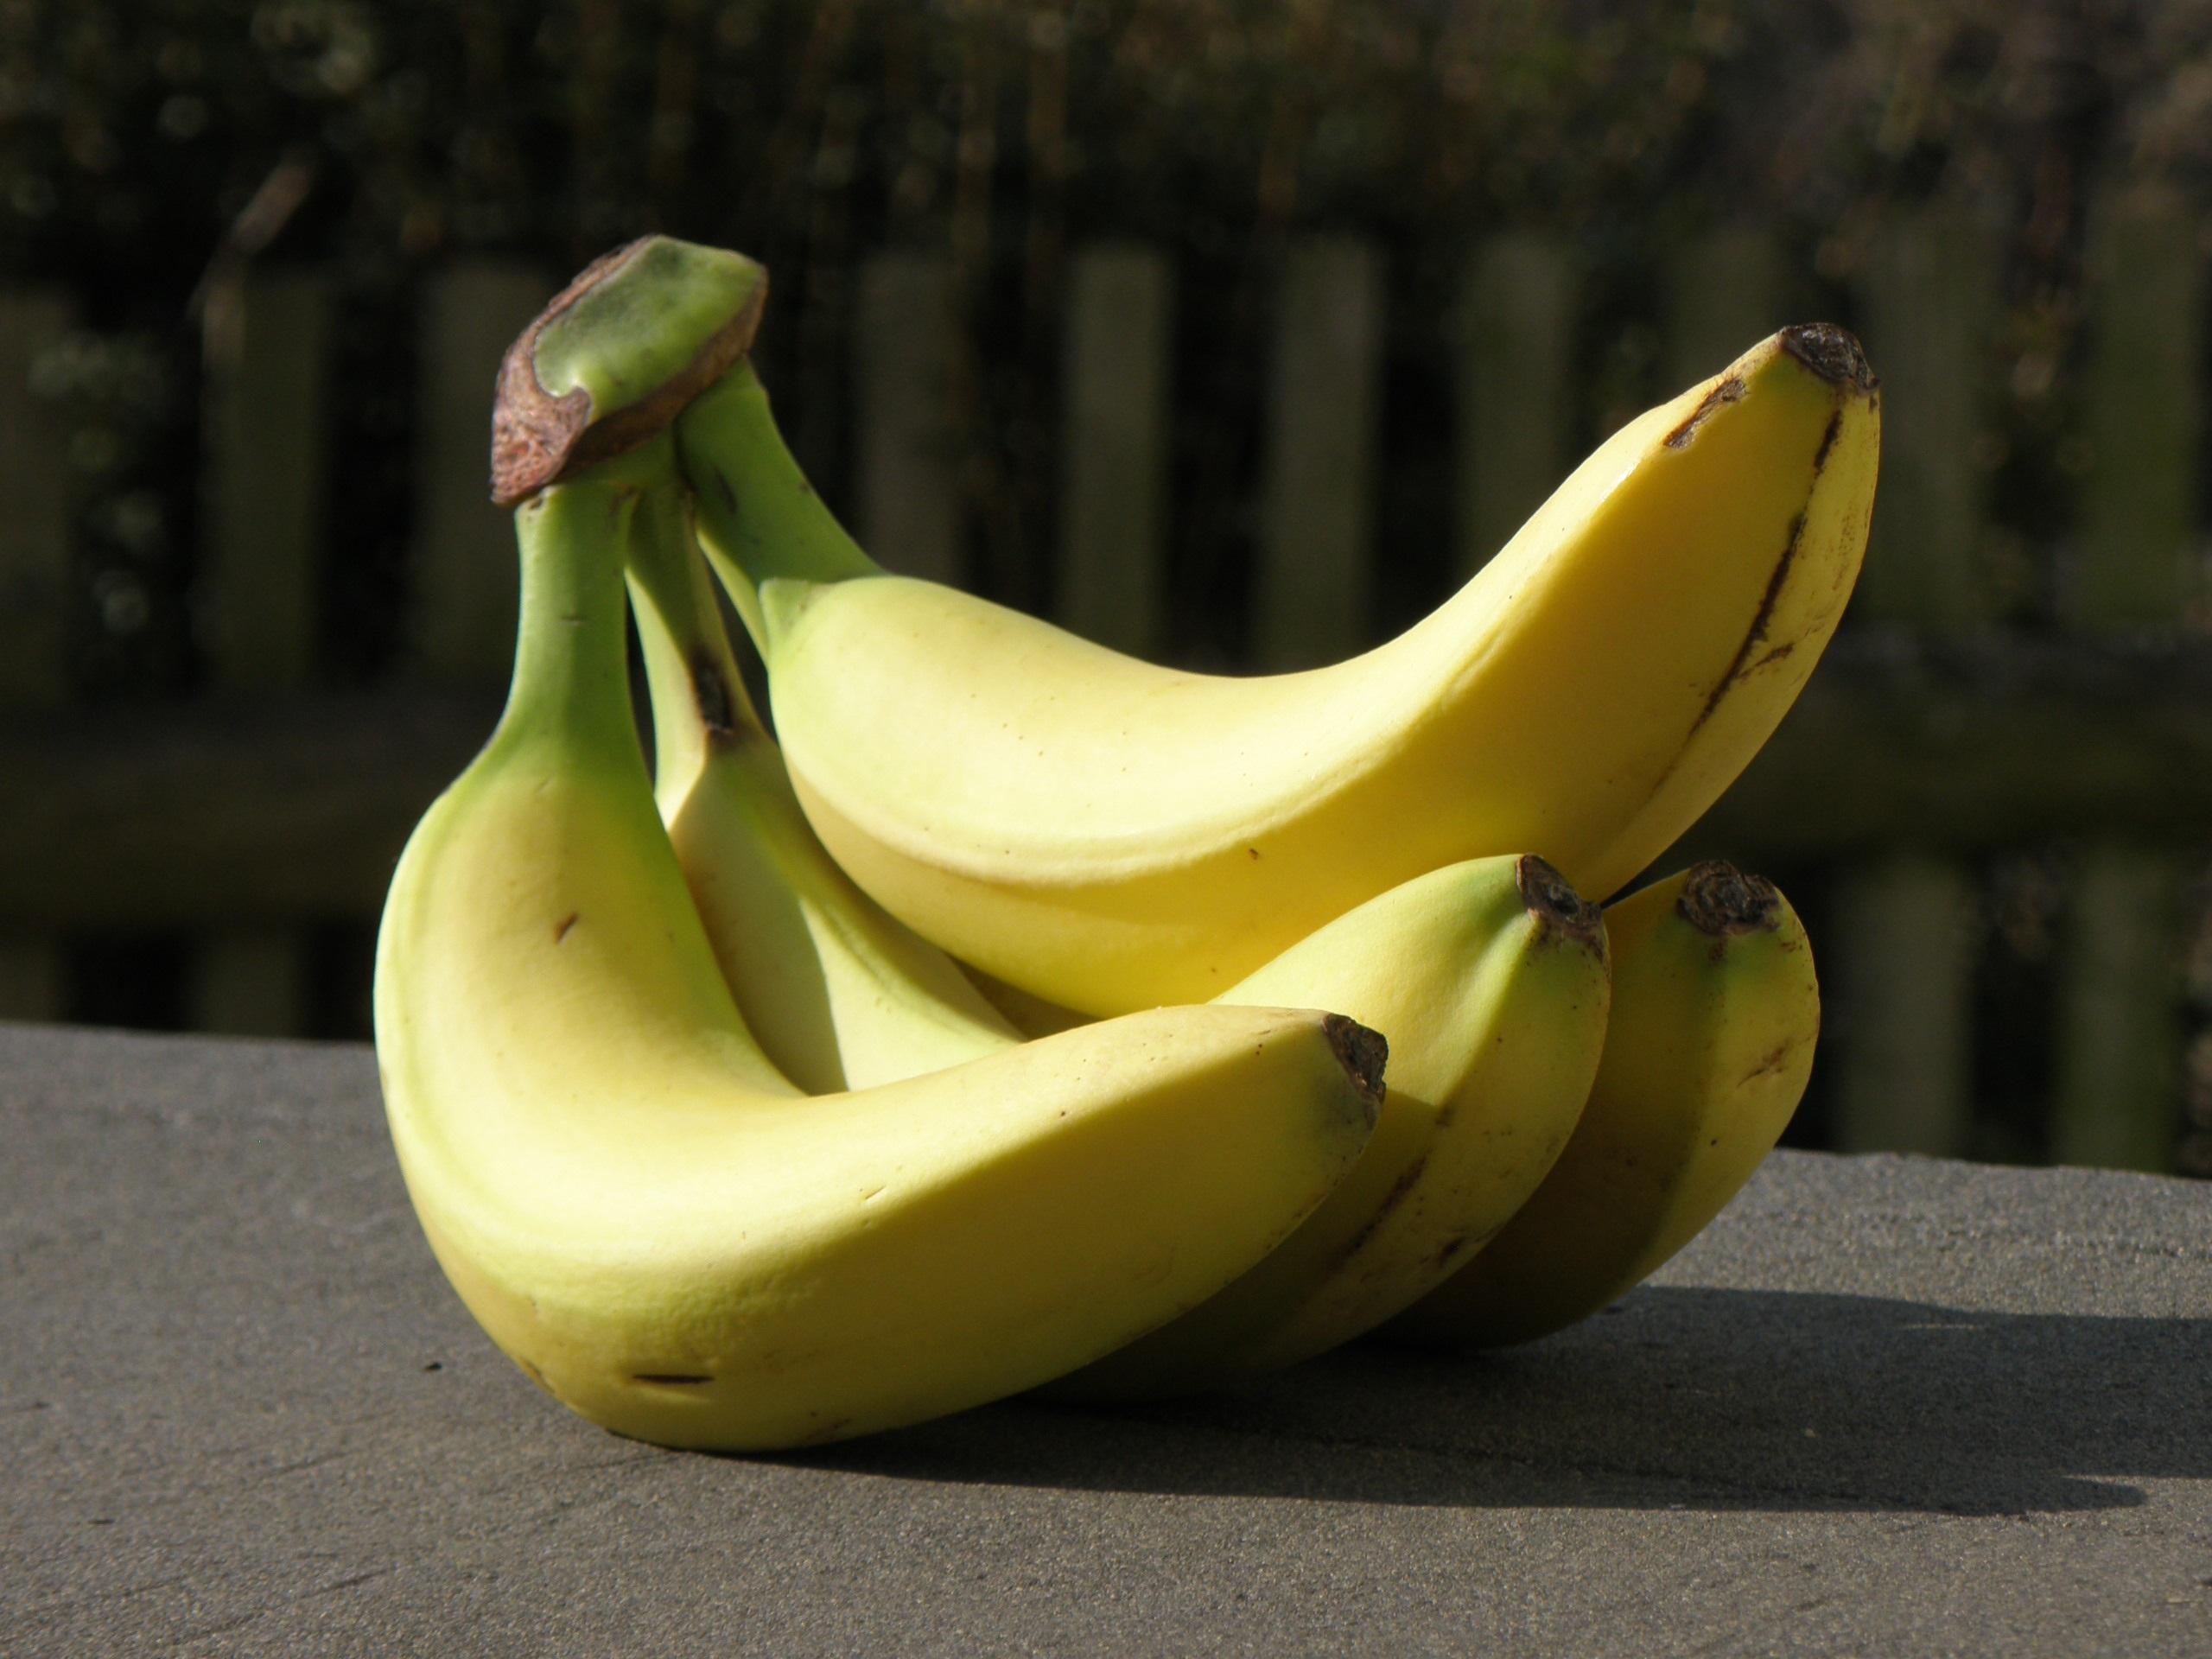 Красивые, картинка с бананом